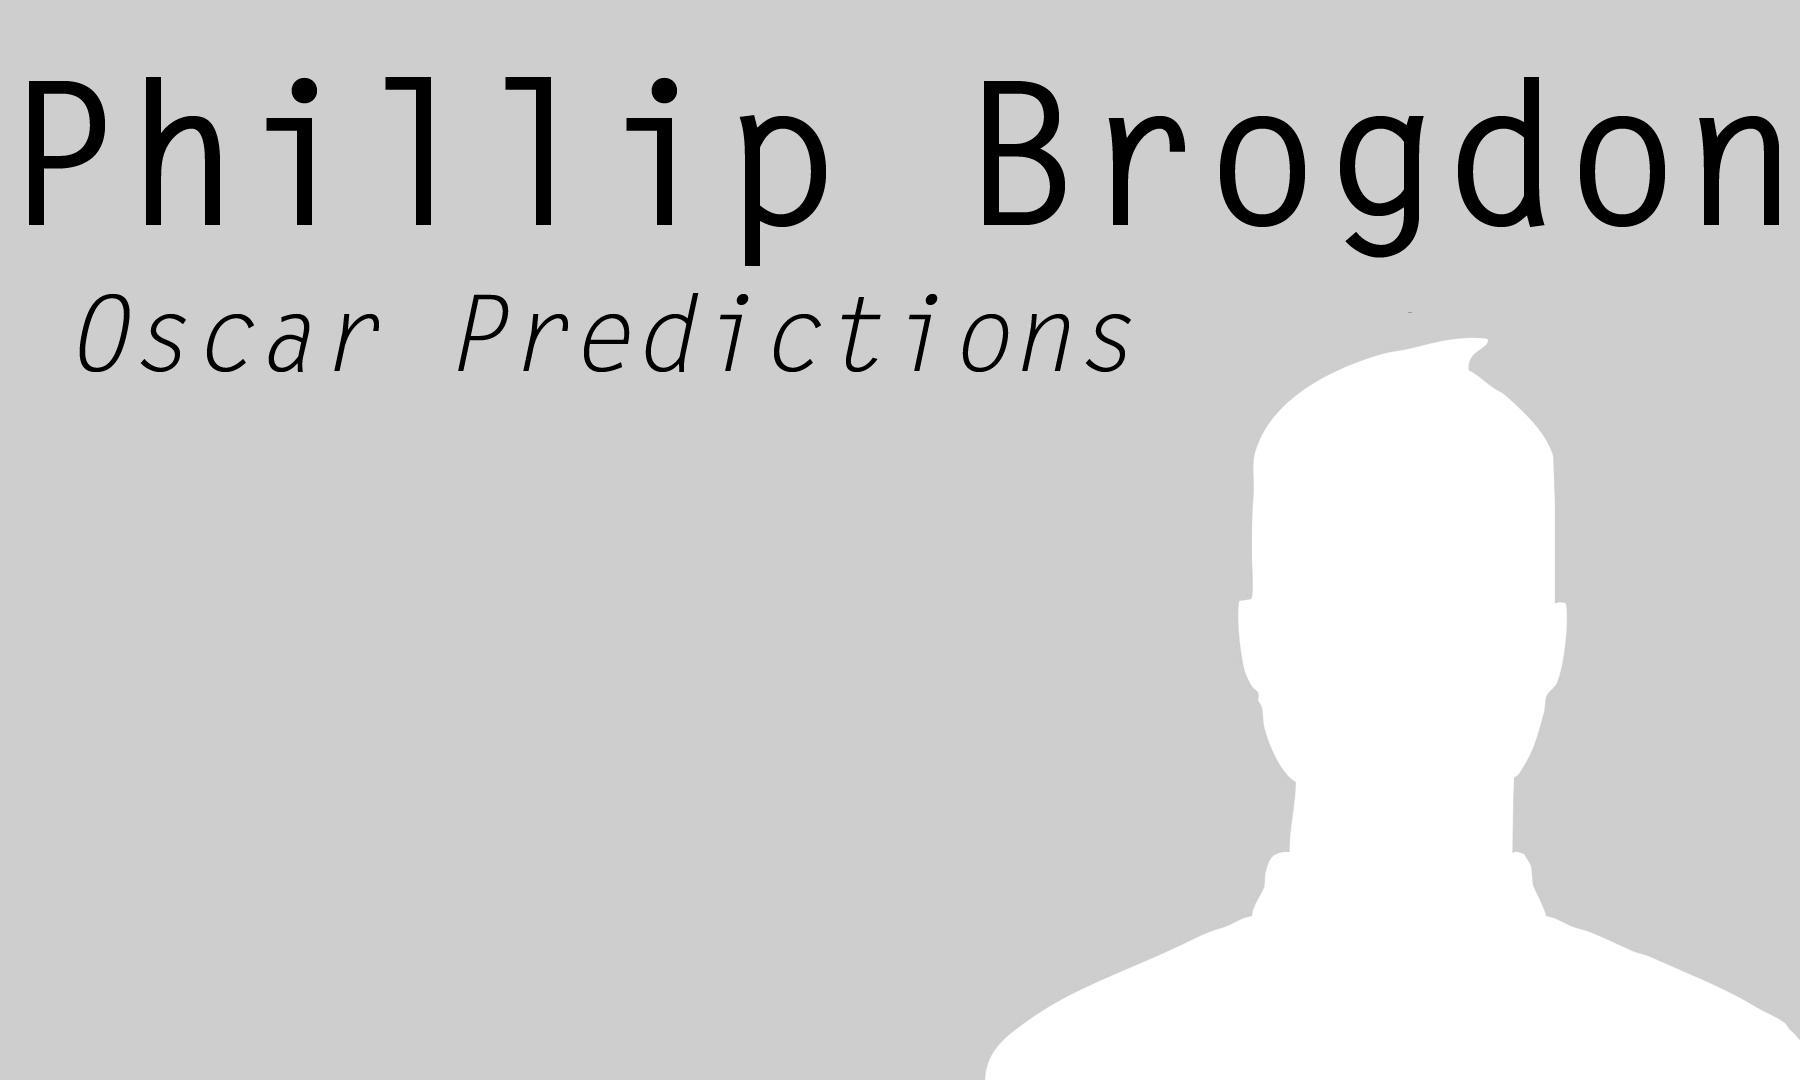 Phillip Brogdon